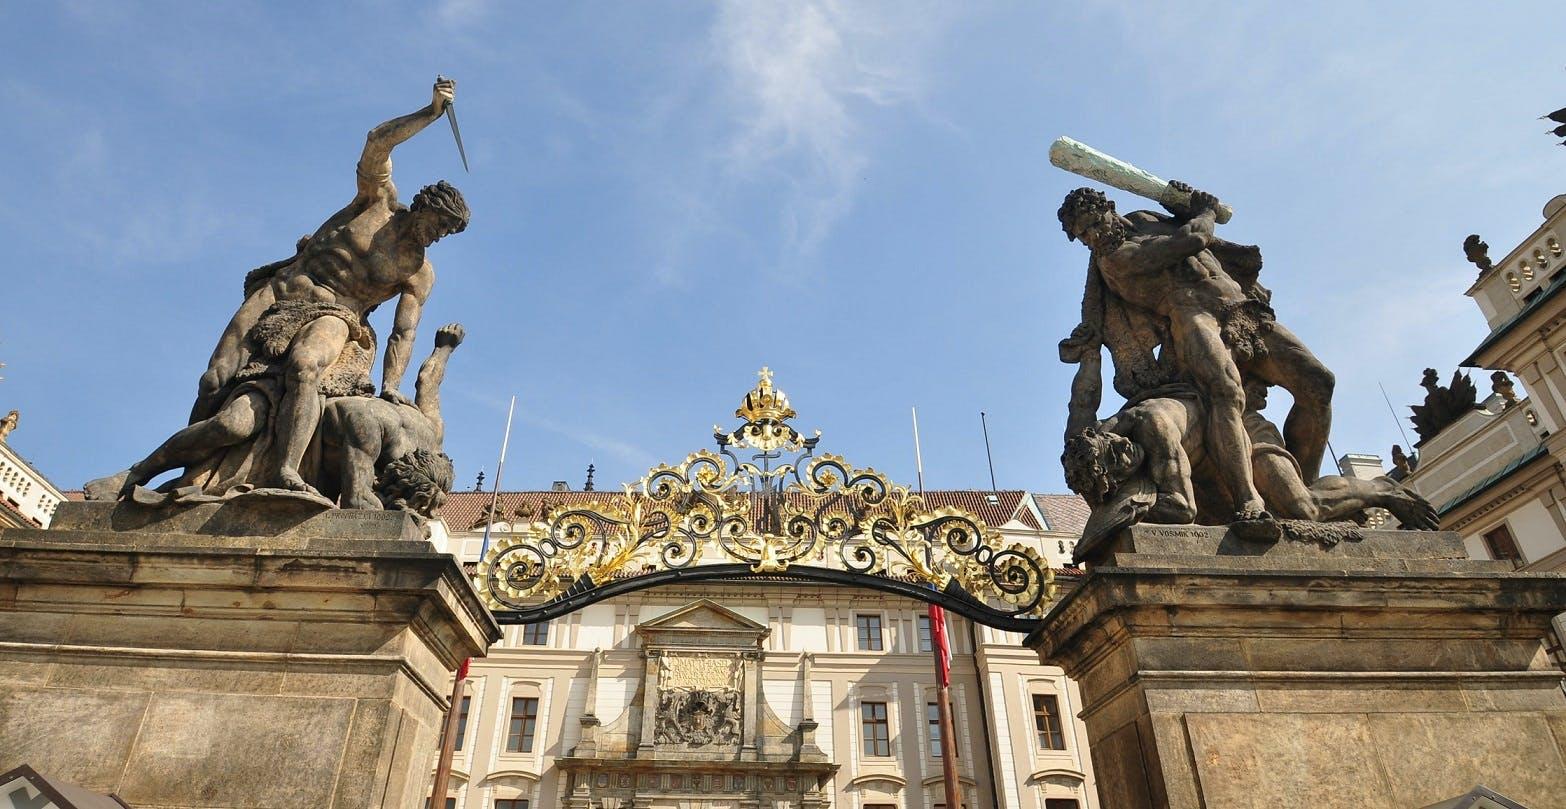 Ver la ciudad,Tours temáticos,Tours históricos y culturales,Castillo de Praga,Visita guiada